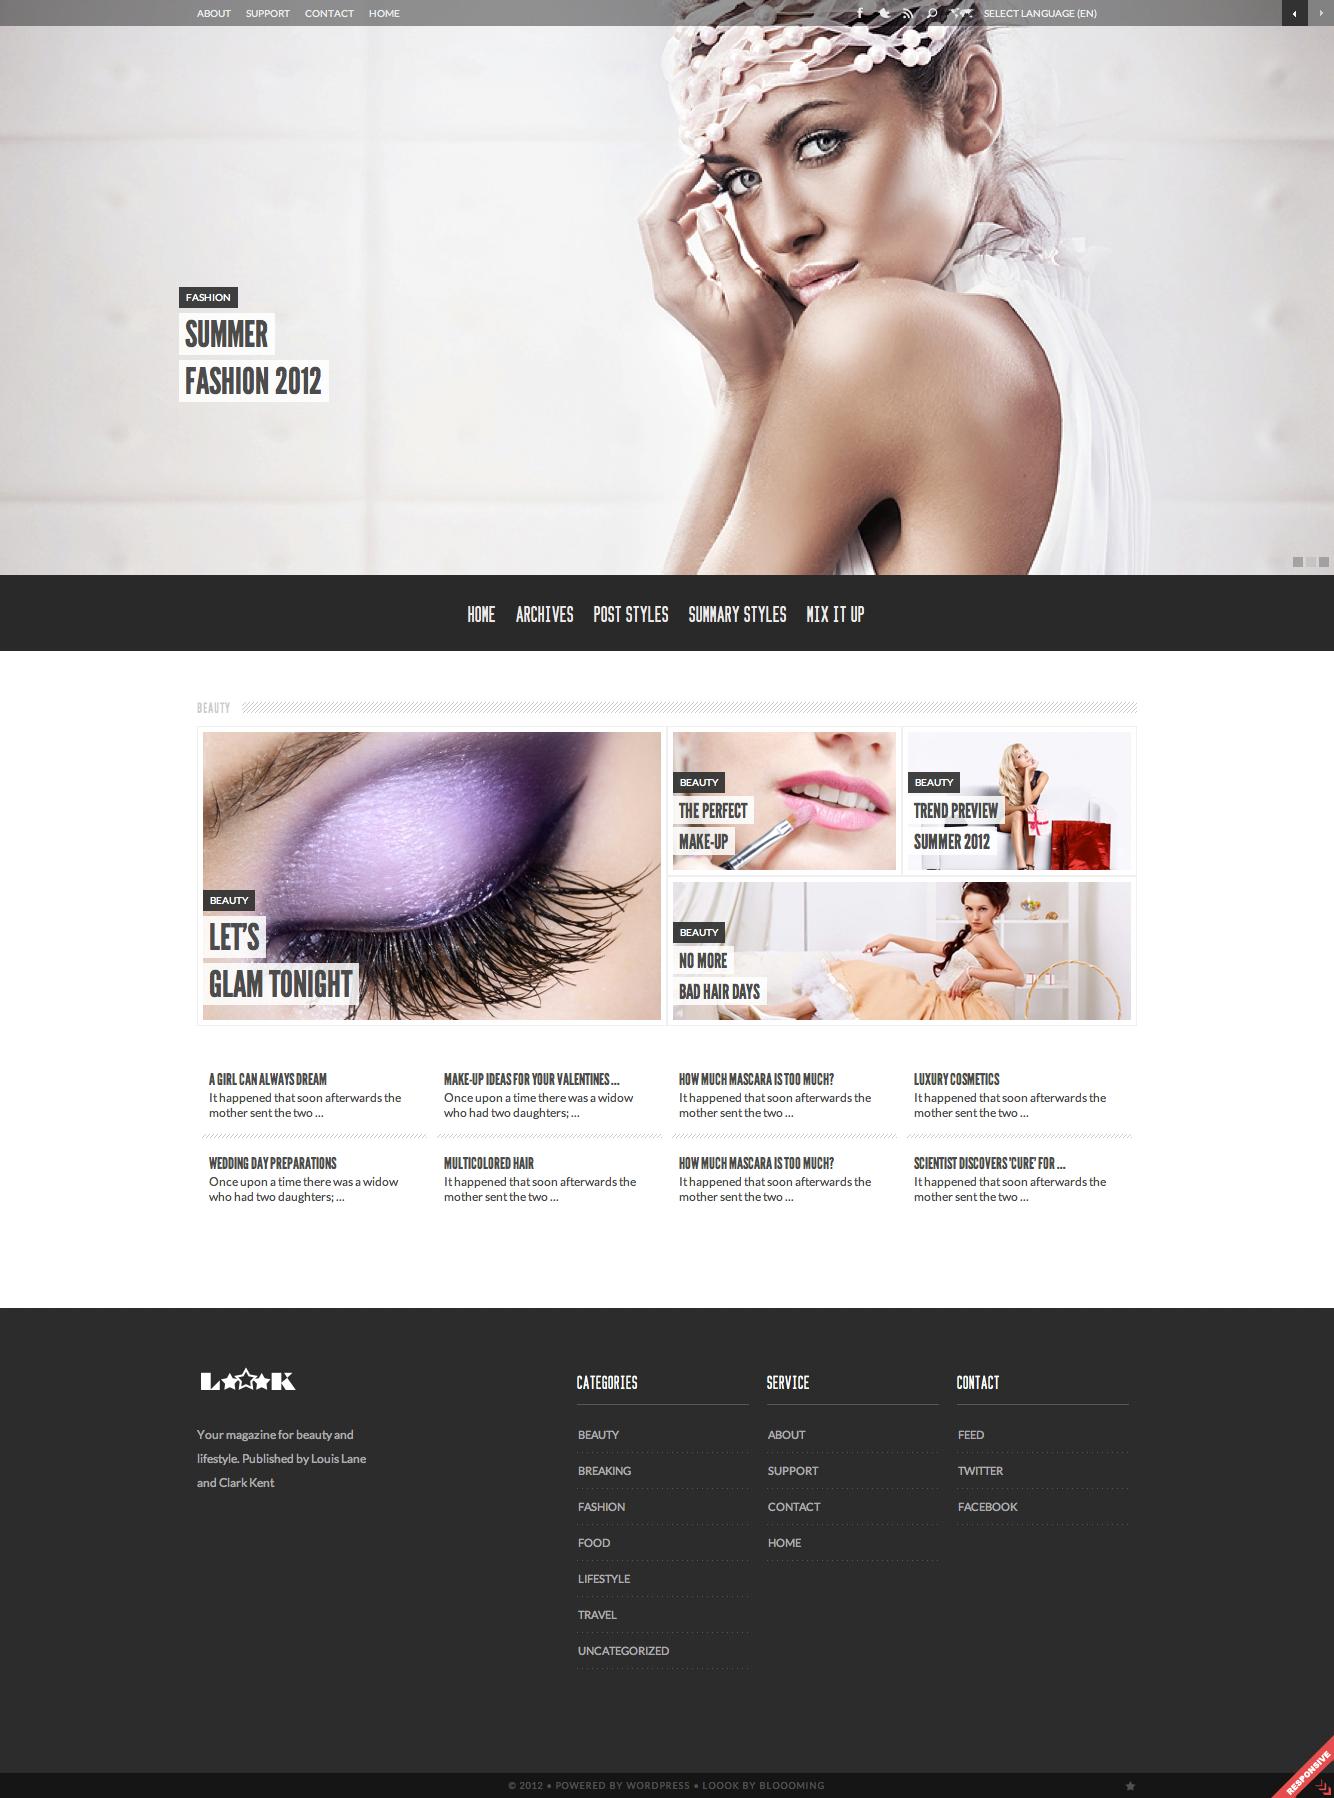 Loook - responsive magazine theme (XHTML)